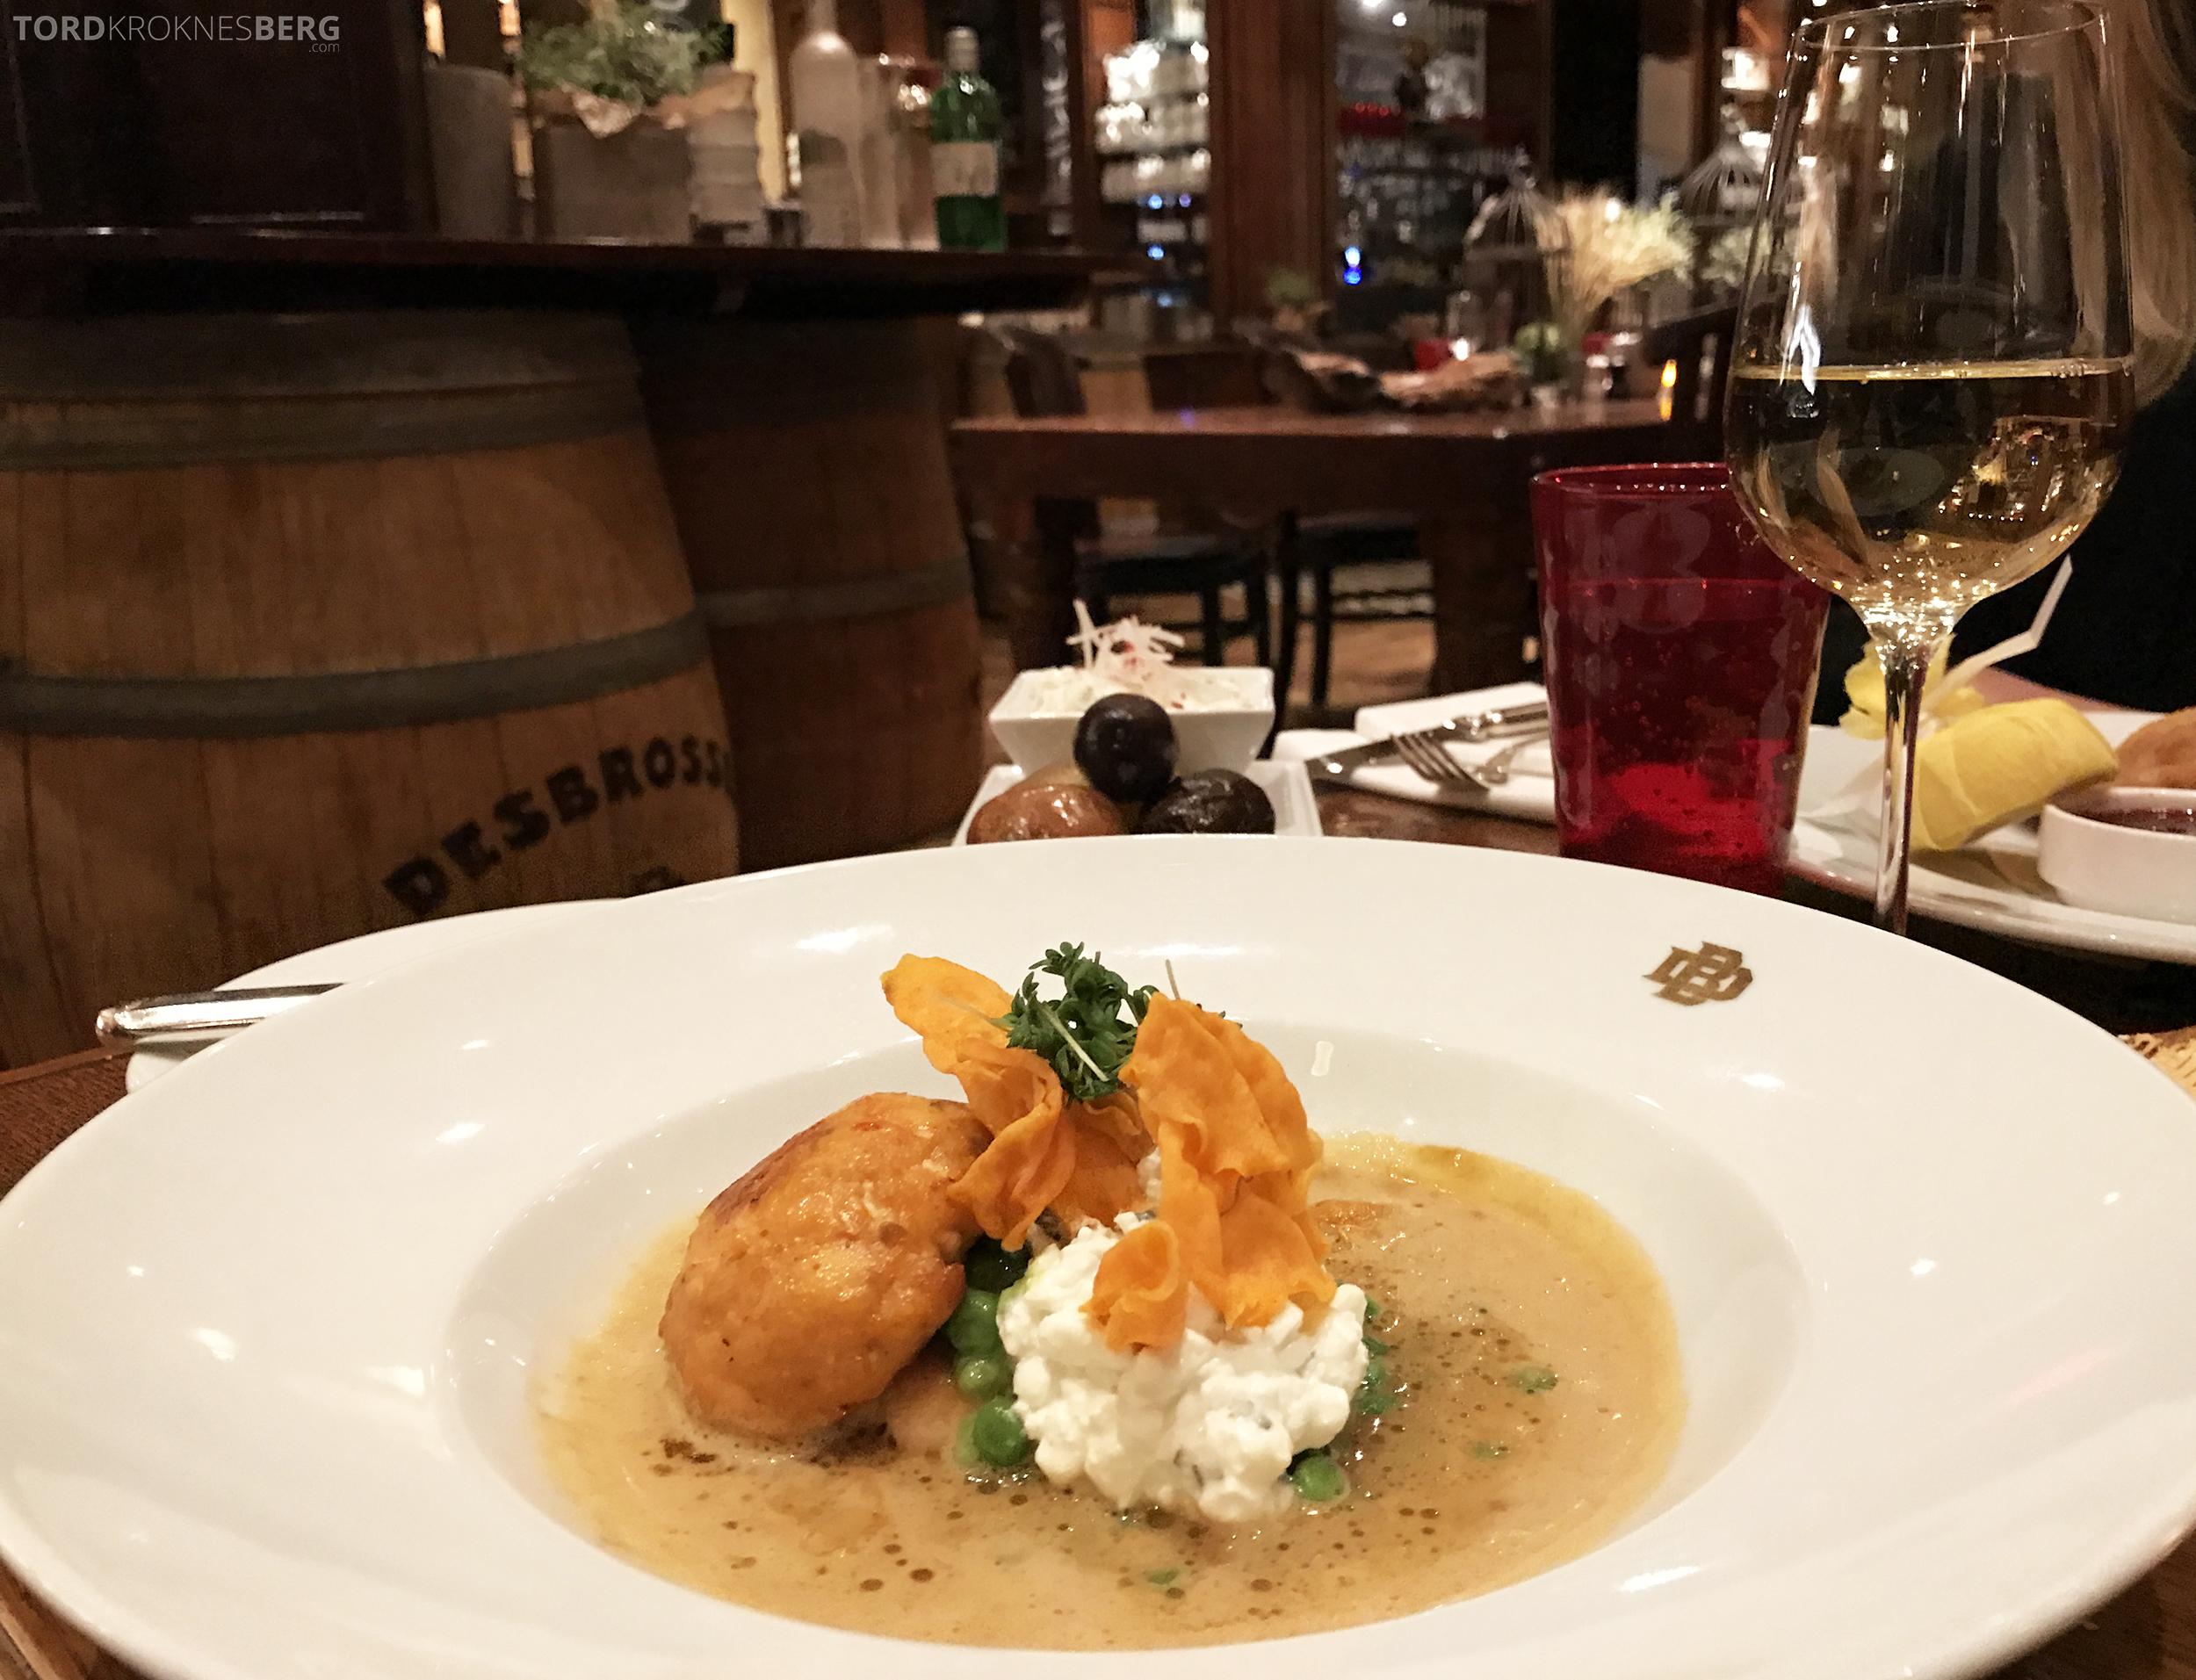 Brasserie Desbrosses Ritz-Carlton Berlin laks